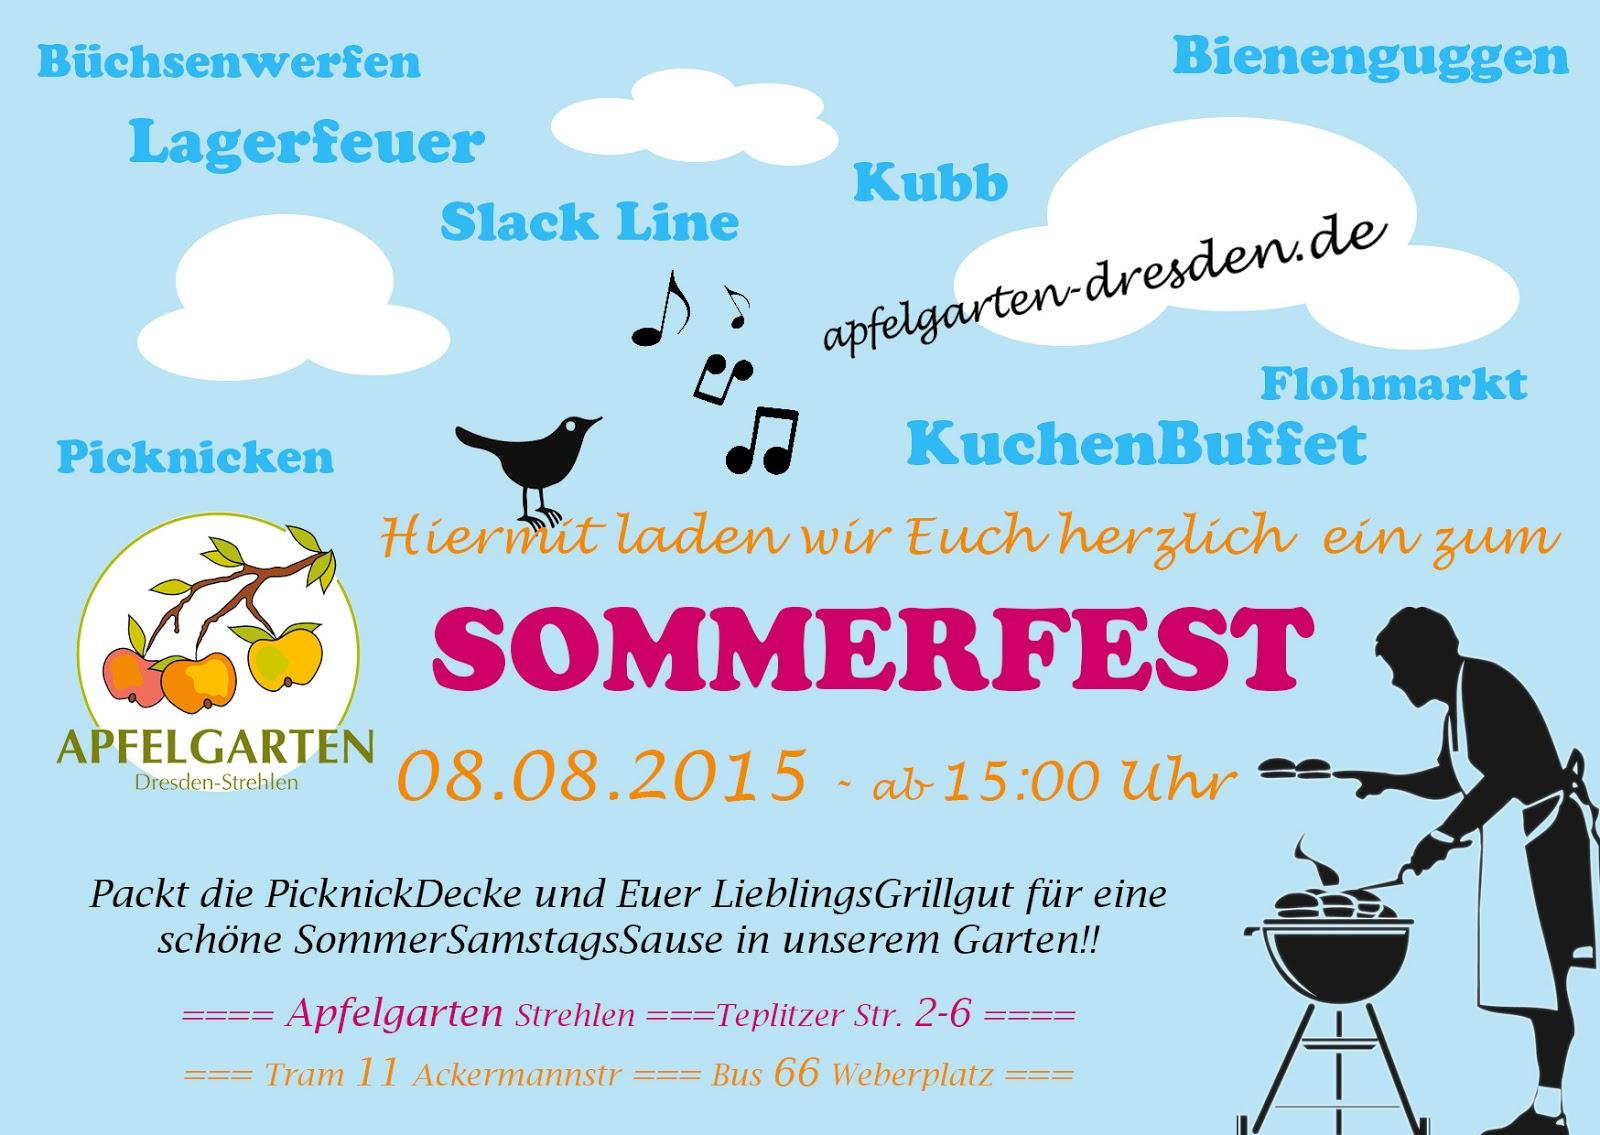 Schön Einladung Zum Sommerfest!